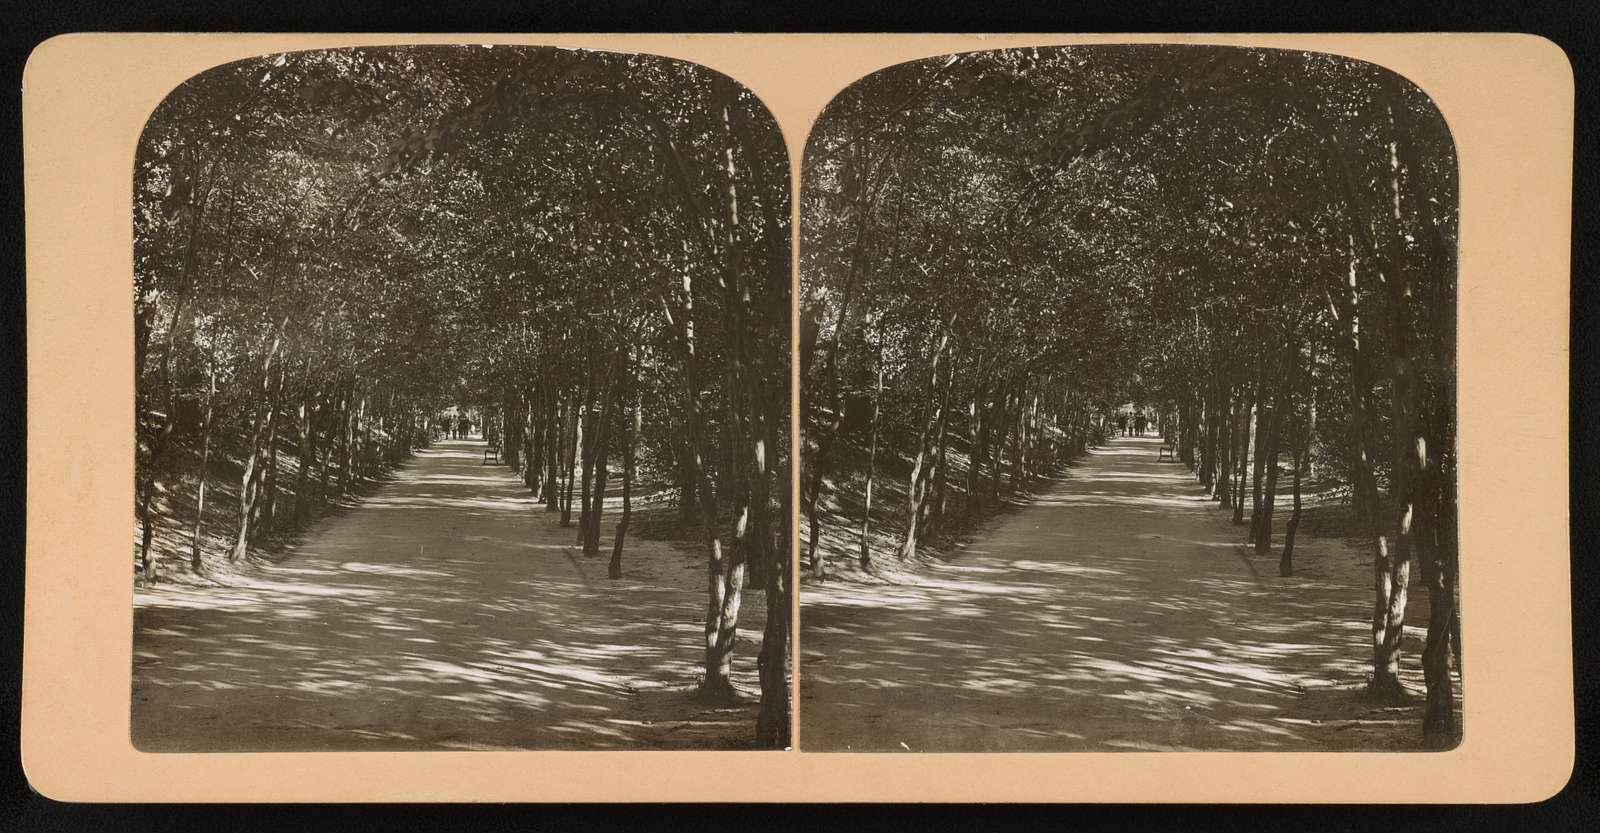 Lover's Lane, Central Park, New York